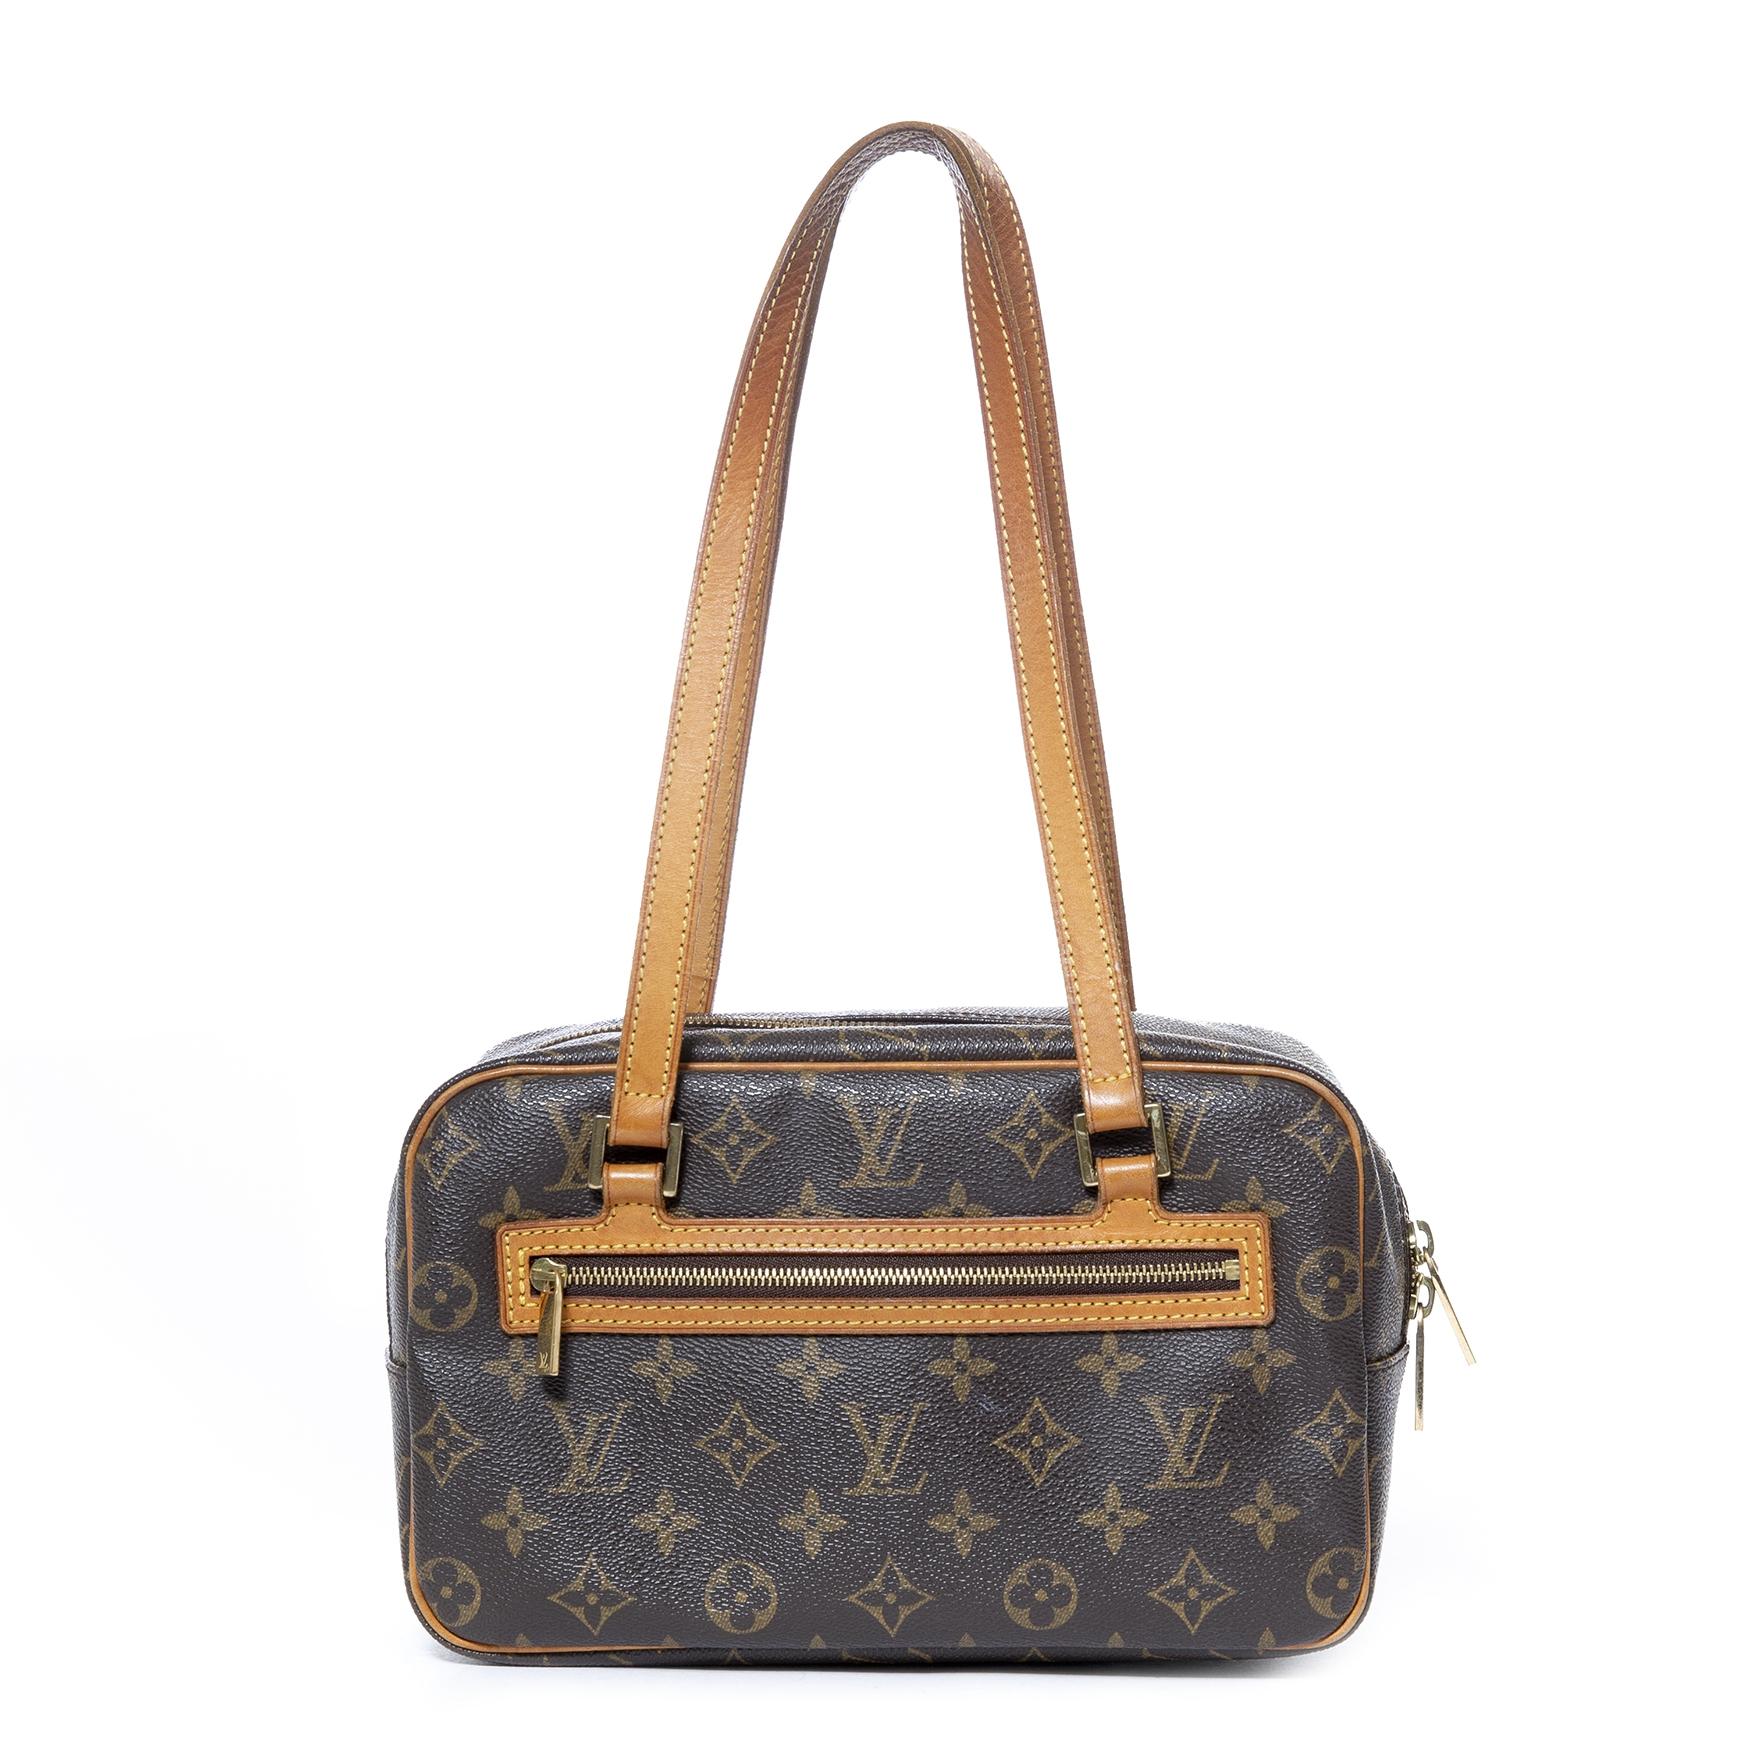 5020fa4b4189 ... Louis Vuitton Cité MM Monogram Shoulder Bag for sale online